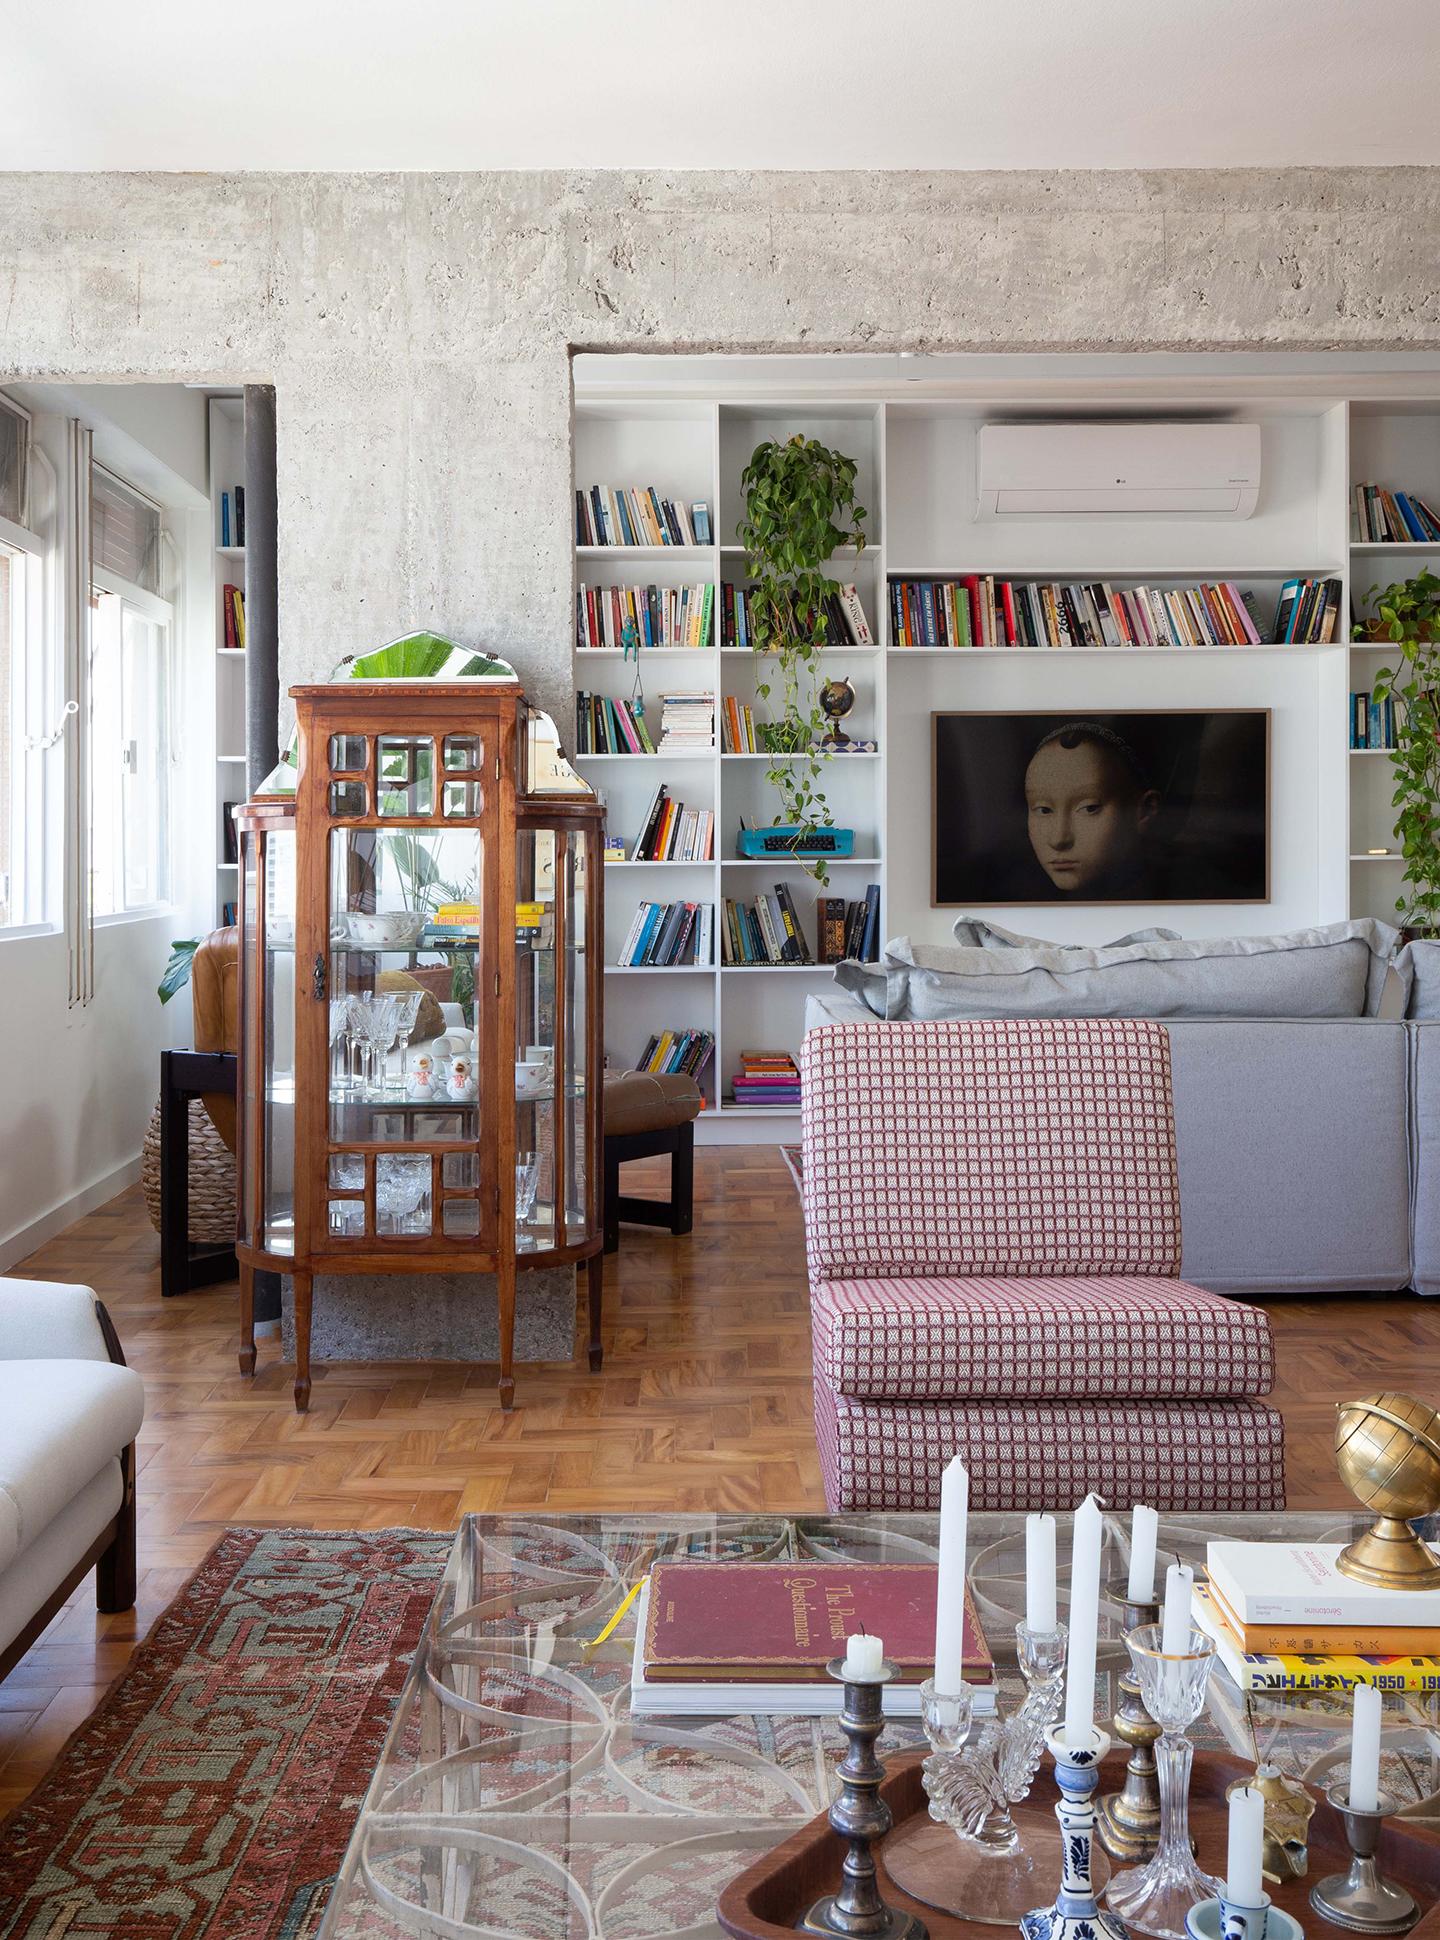 Apartamento com ambientes integrados e móveis vintage garimpados